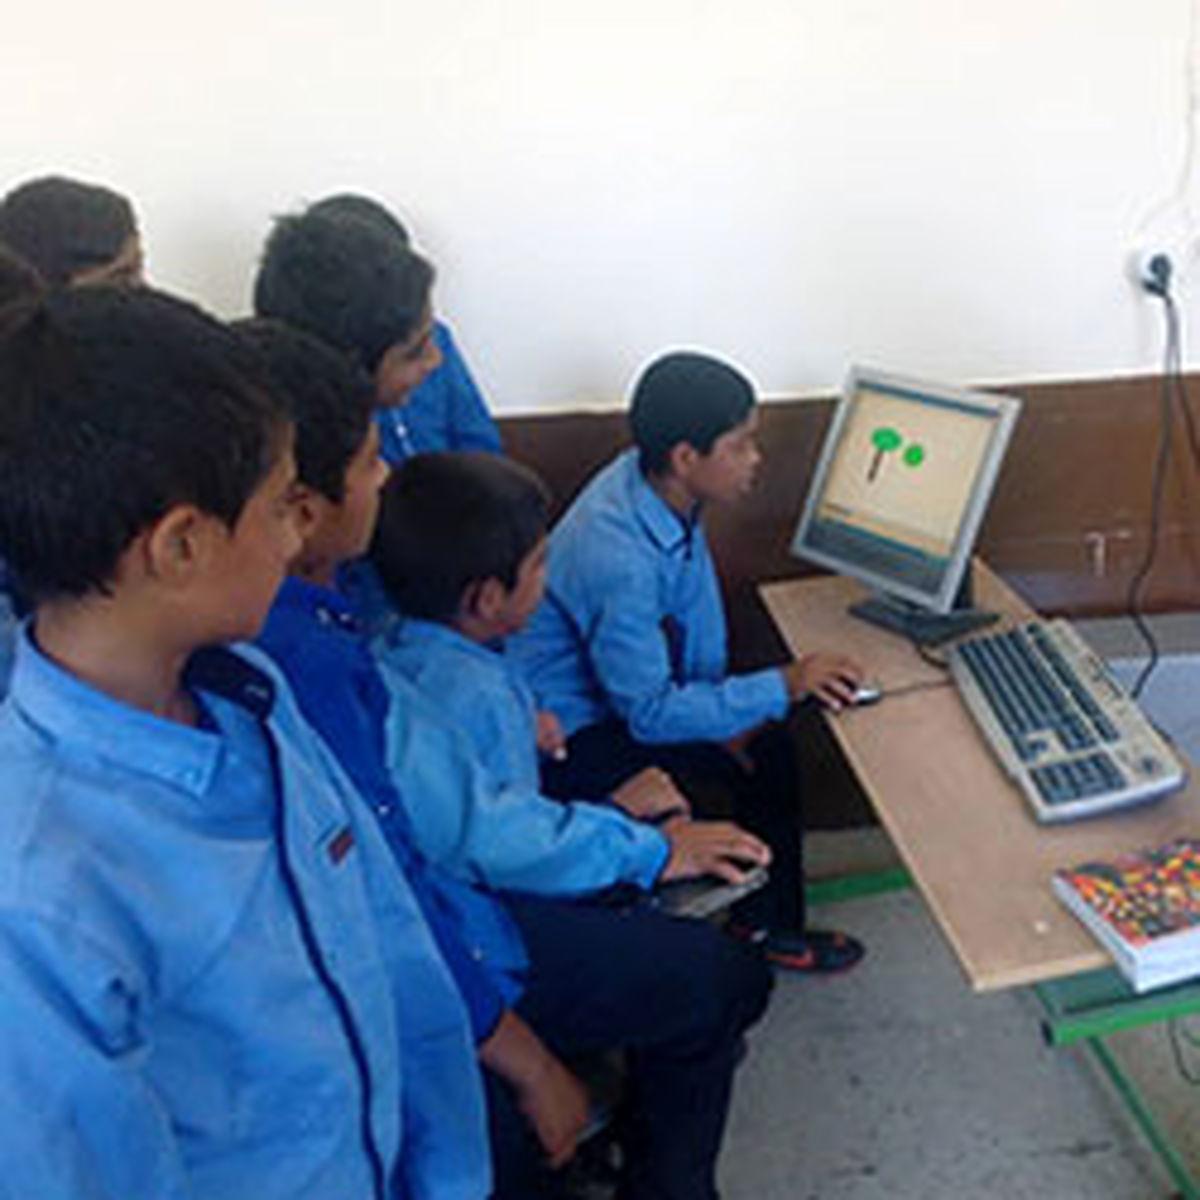 اهدای تجهیزات رایانهای به مدارس مناطق کمتر برخوردار کشور توسط بانک اقتصادنوین